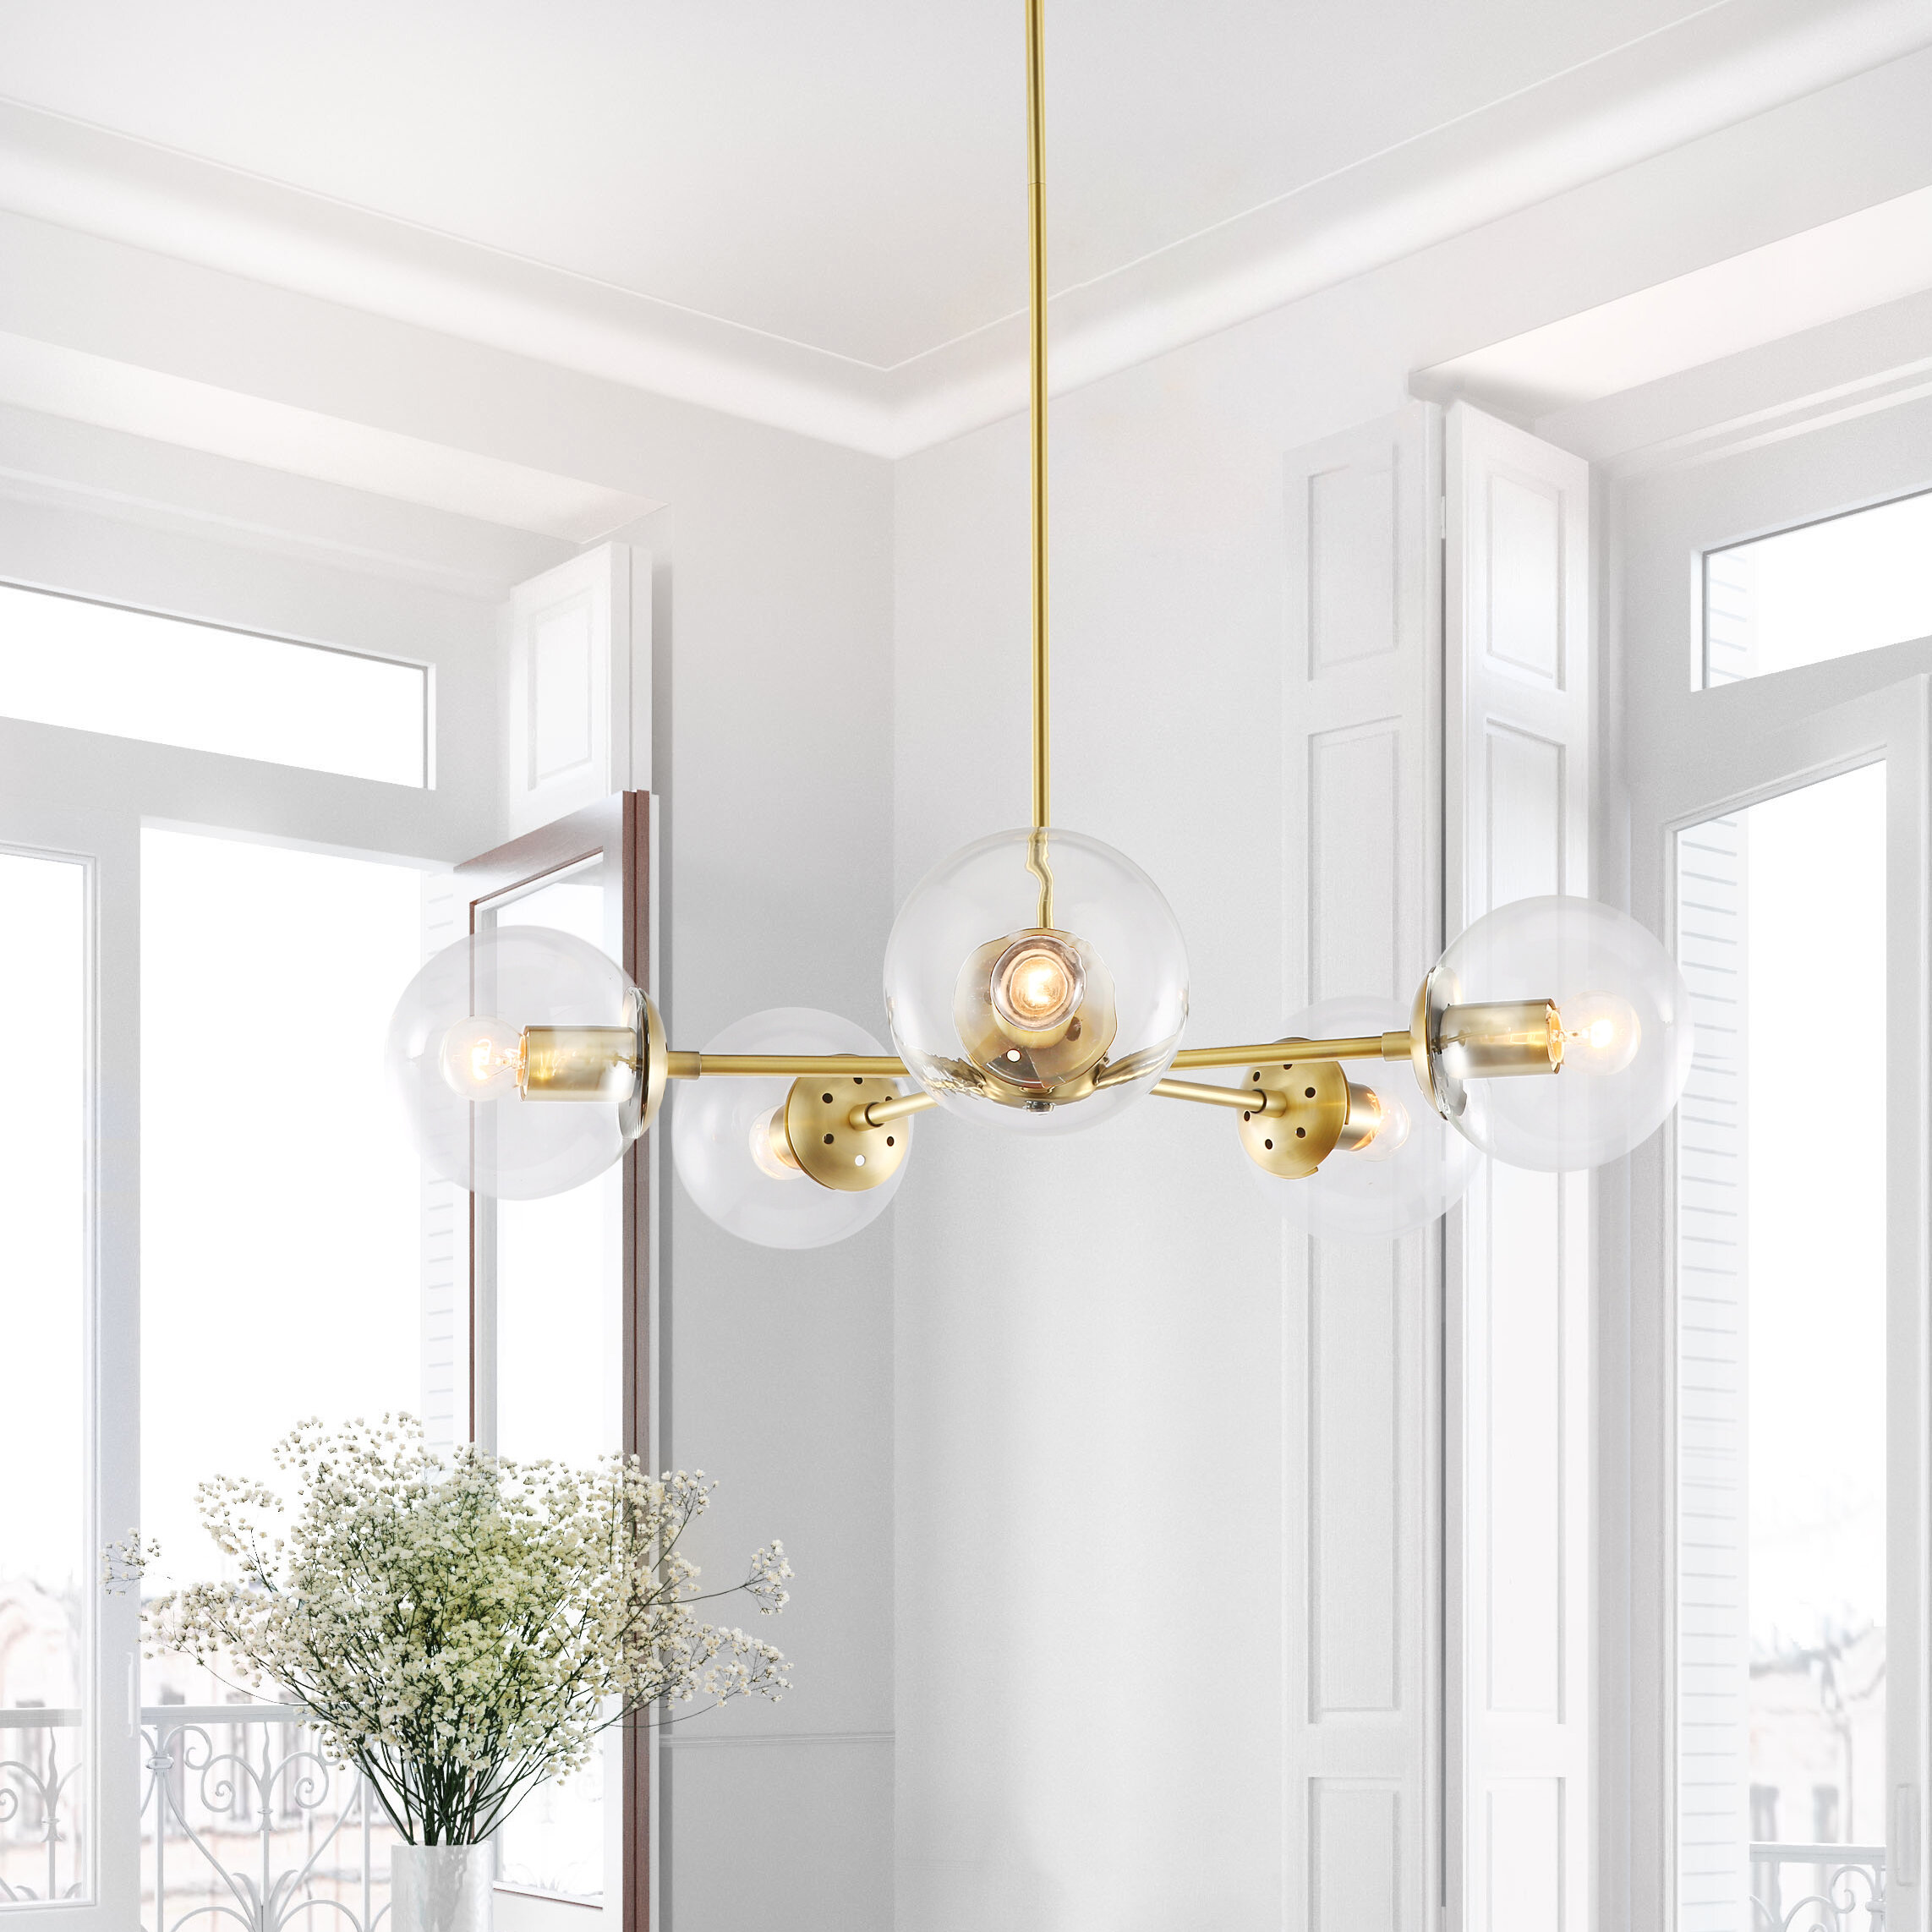 10 Lights Modern Brass Sputnik Urchin Chandelier Light Fixture 22D